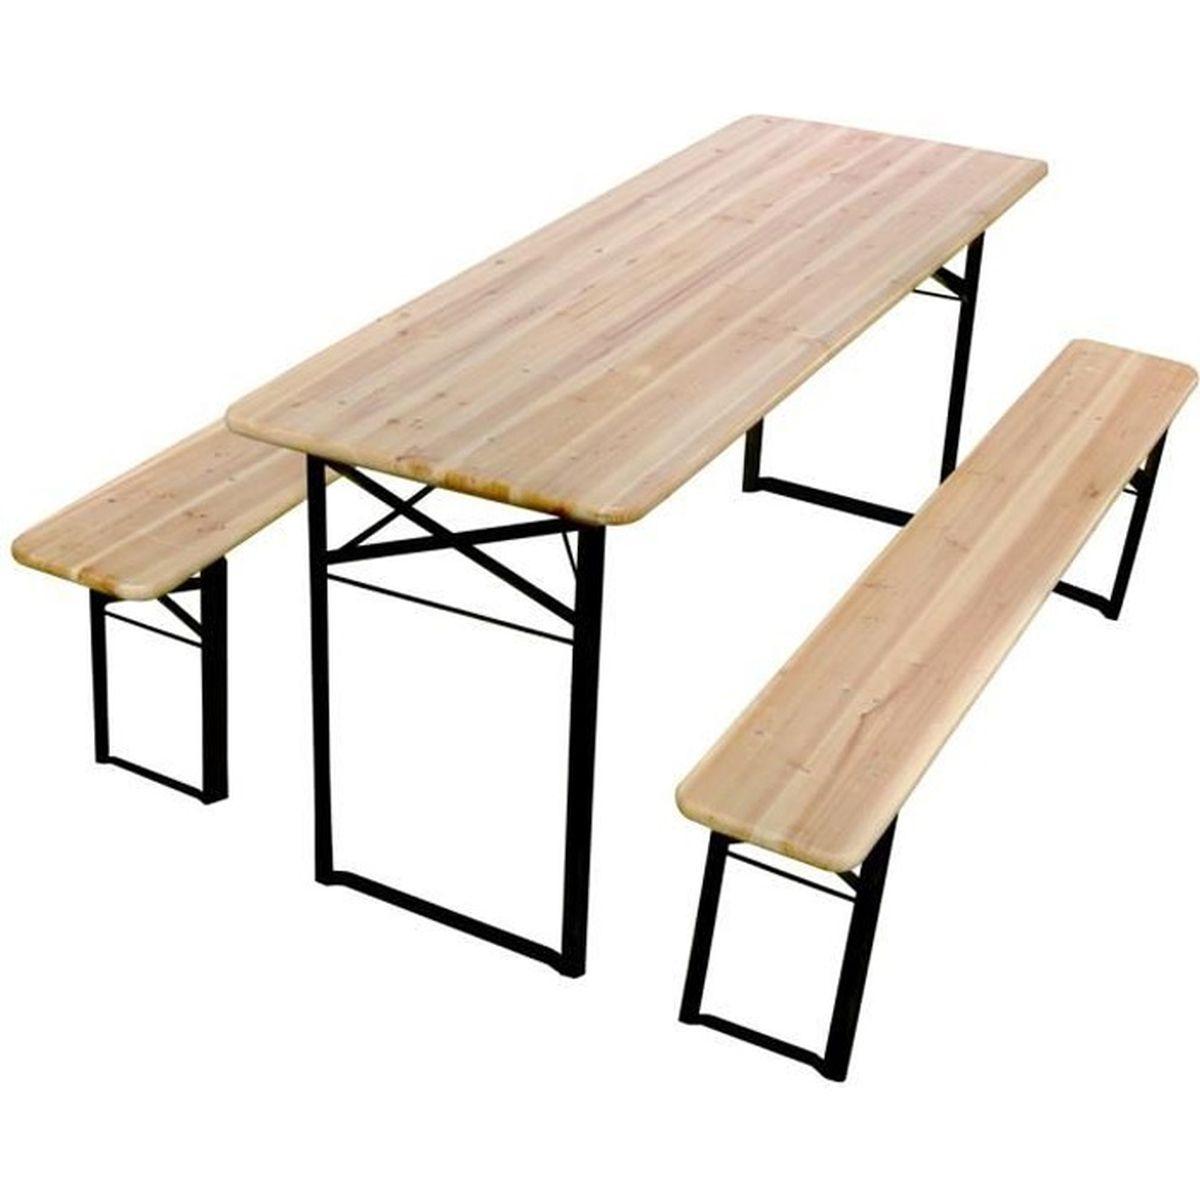 Table Pliante Bois Avec Bancs Achat Vente Pas Cher